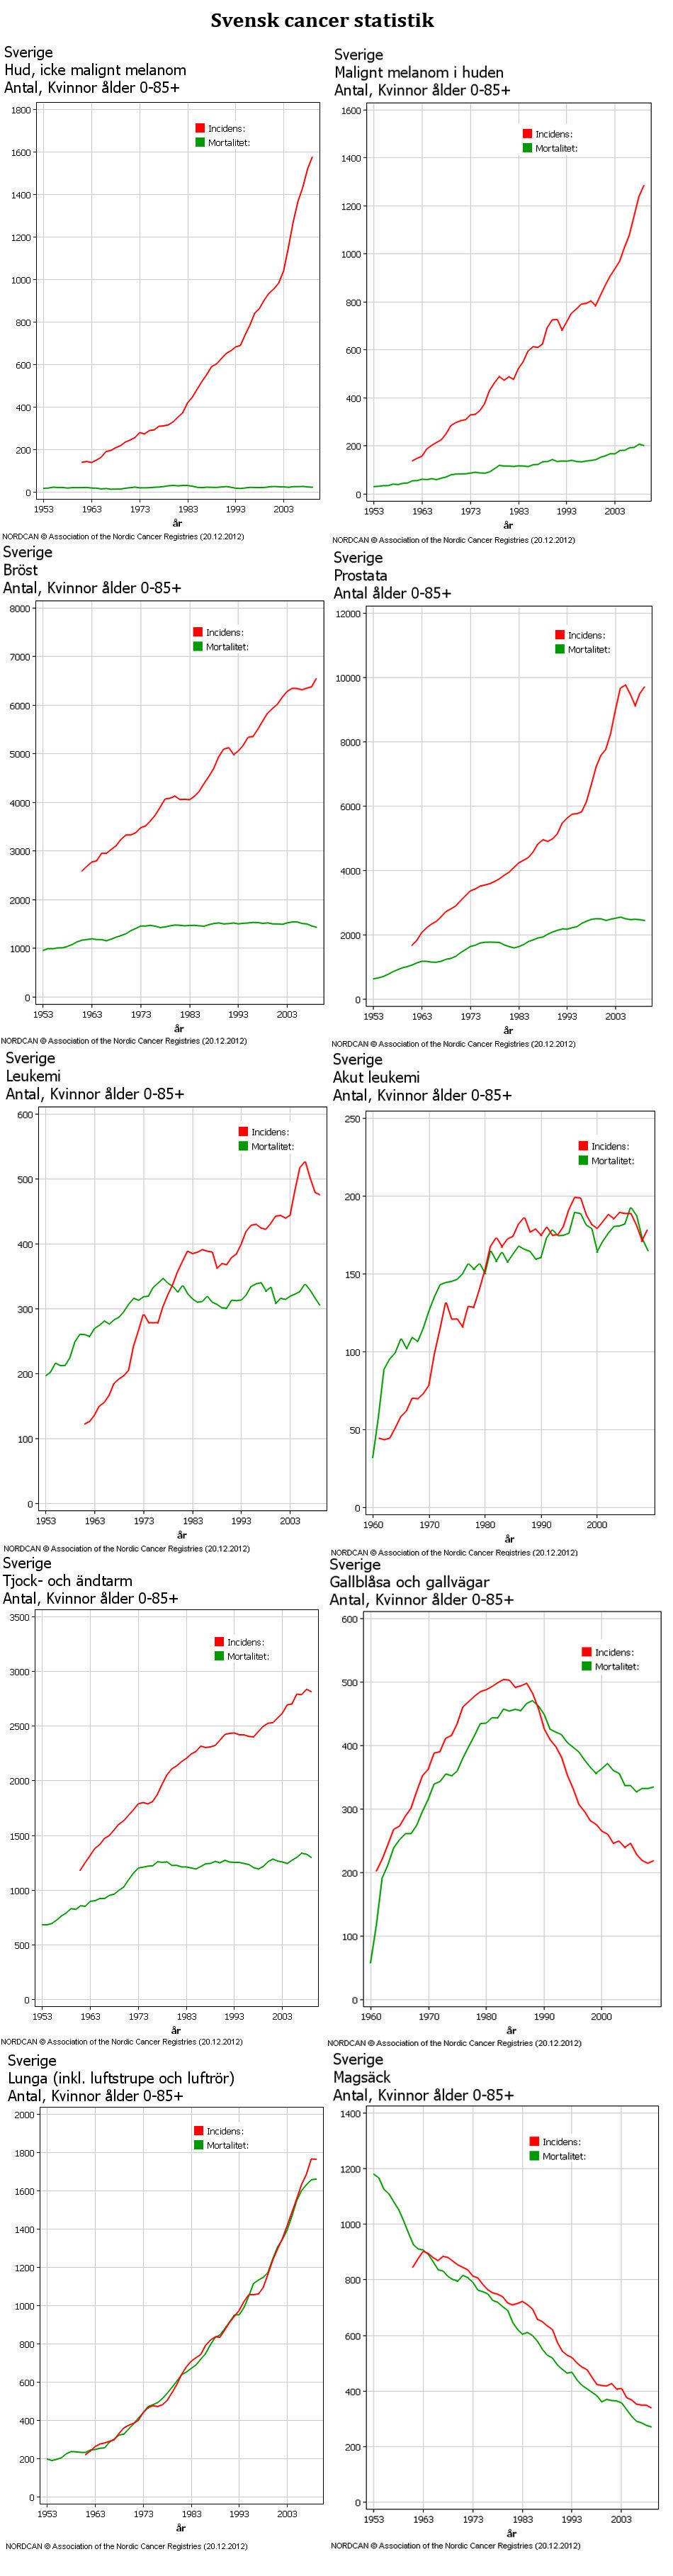 Cancer-Statistik-Sverige